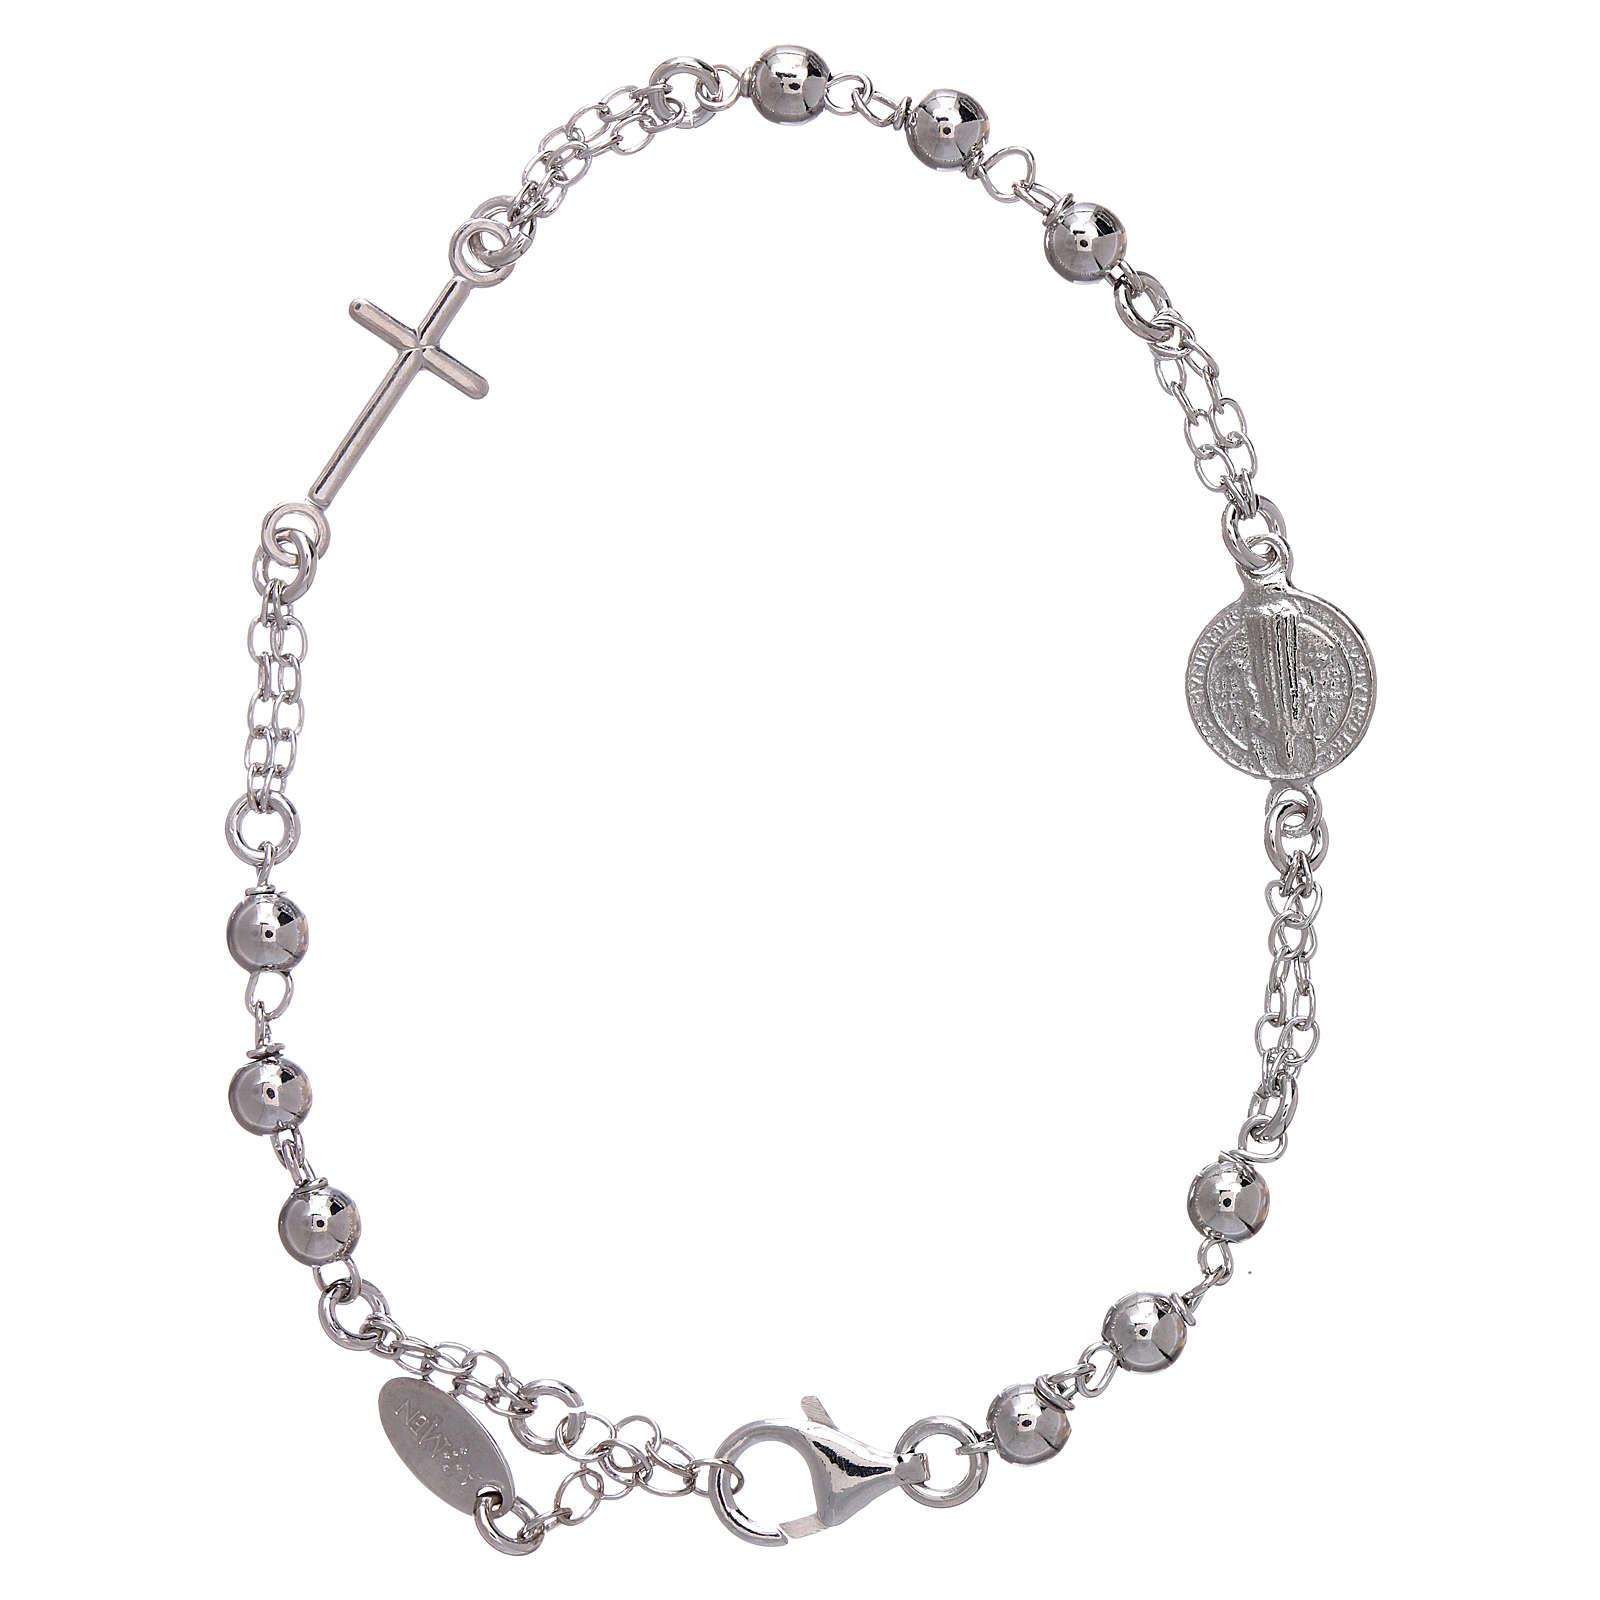 c6e33829807c Pulsera AMEN Plata 925 con esferas medalla y cruz 4